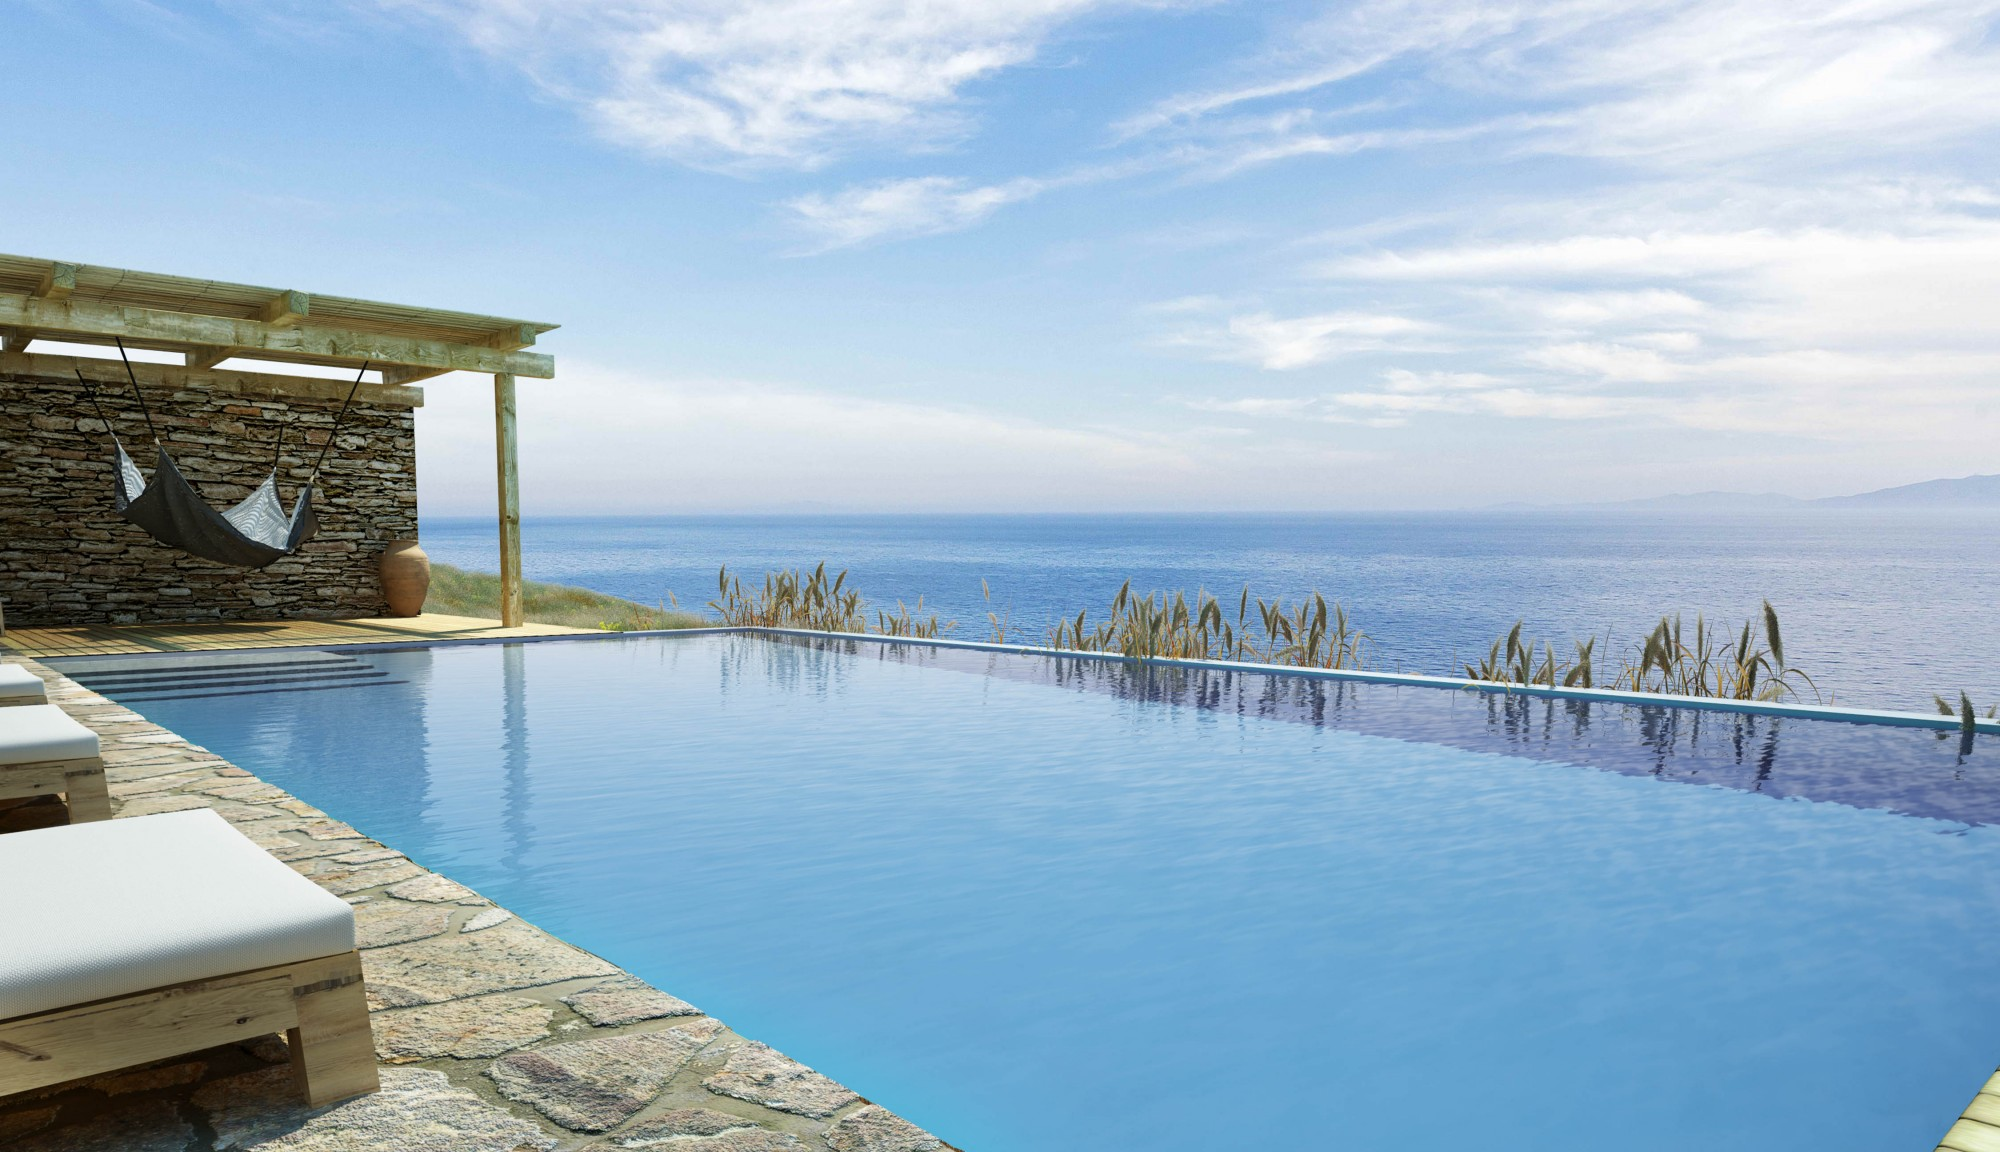 Vue sur la mer en Grèce depuis le site